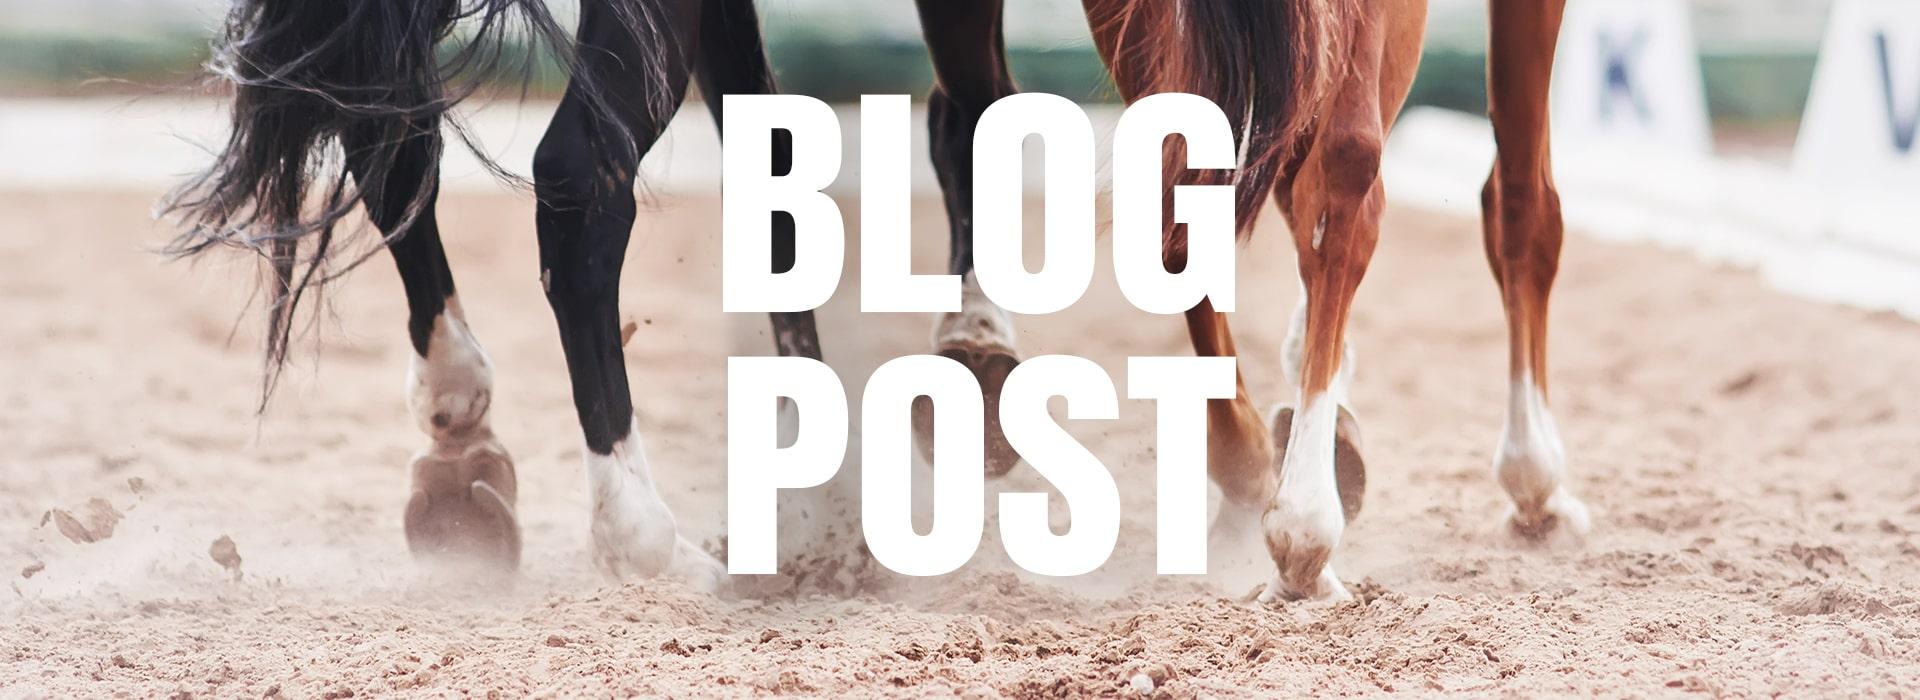 Blog - Comment entretenir les sabots d'un cheval ?